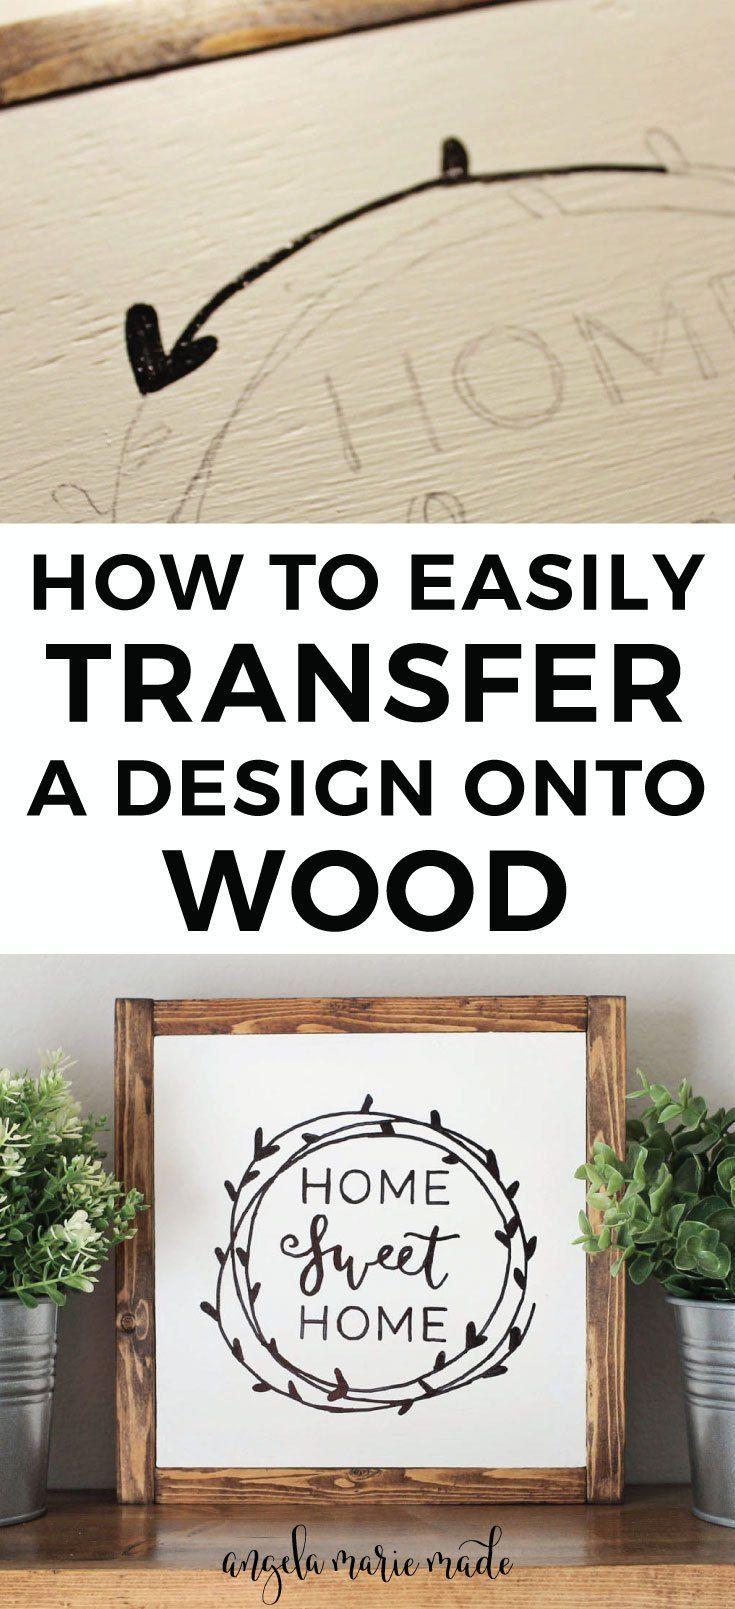 25 Best Homemade Signs Ideas On Pinterest Homemade